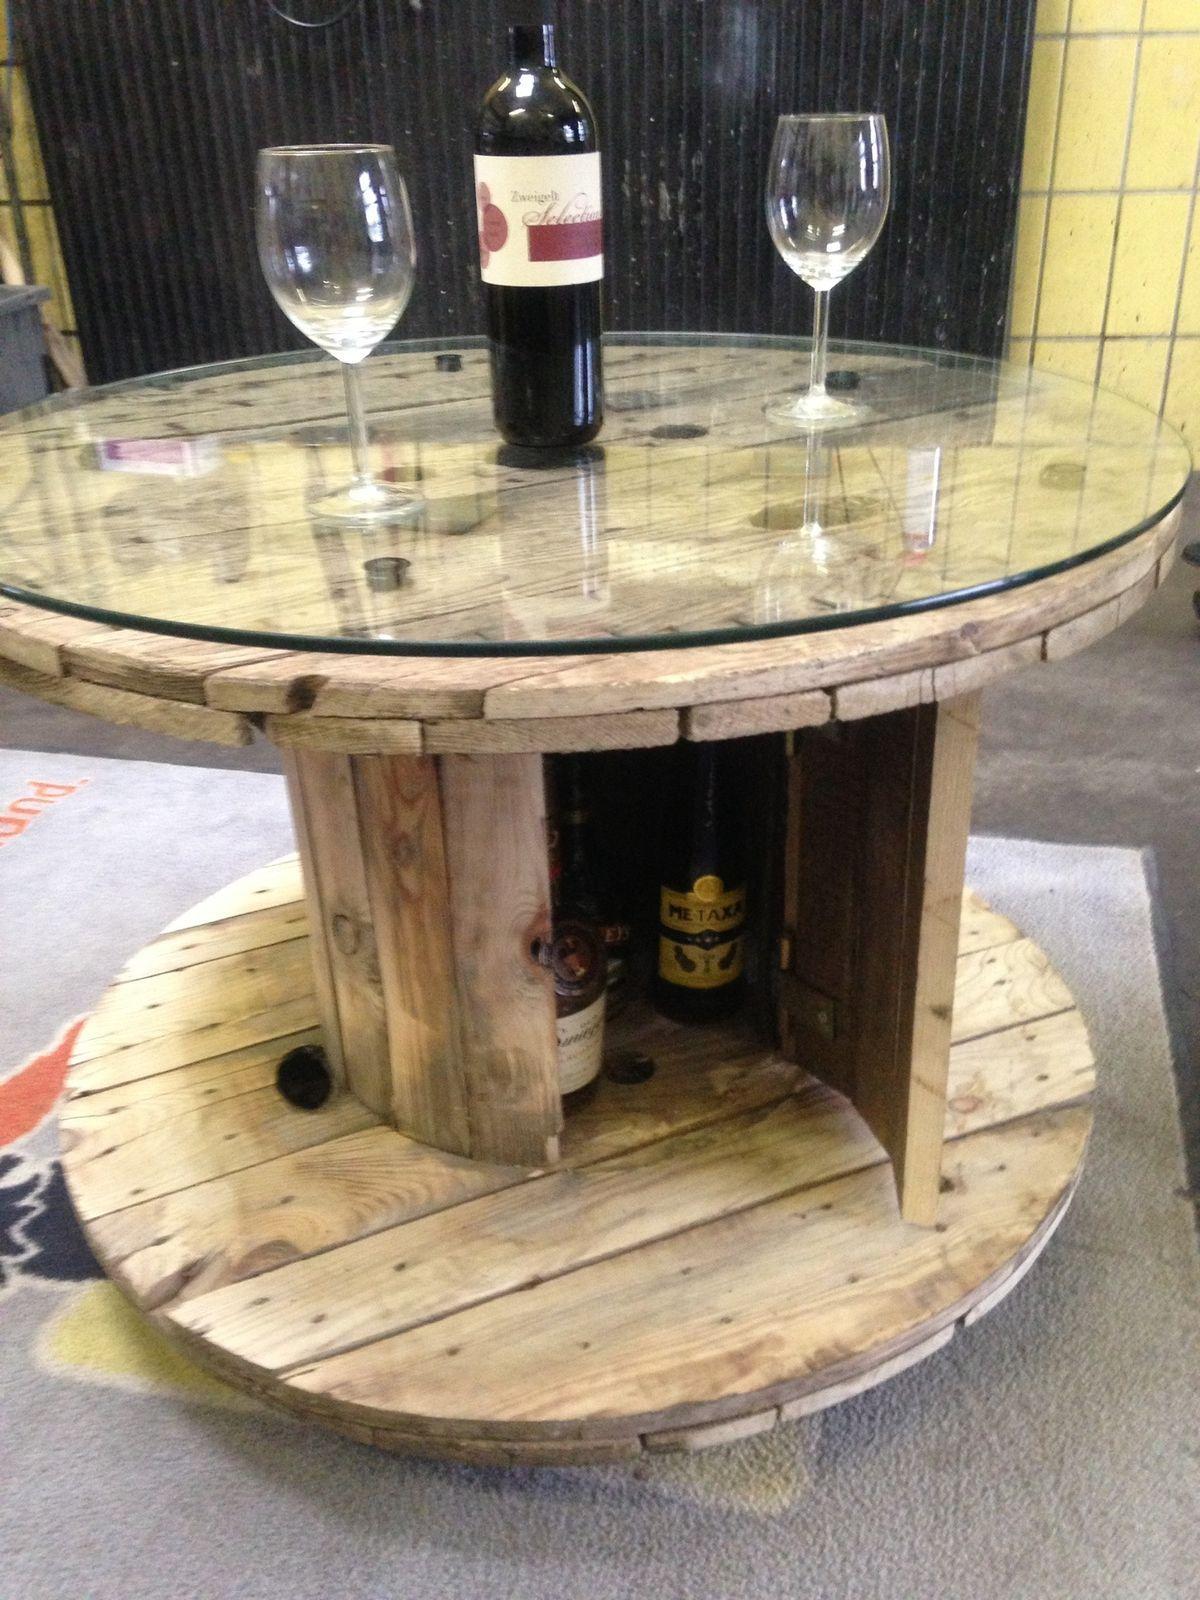 kabeltrommel tisch tr delmarkt pinterest kabeltrommel tisch kabeltrommel und tisch. Black Bedroom Furniture Sets. Home Design Ideas